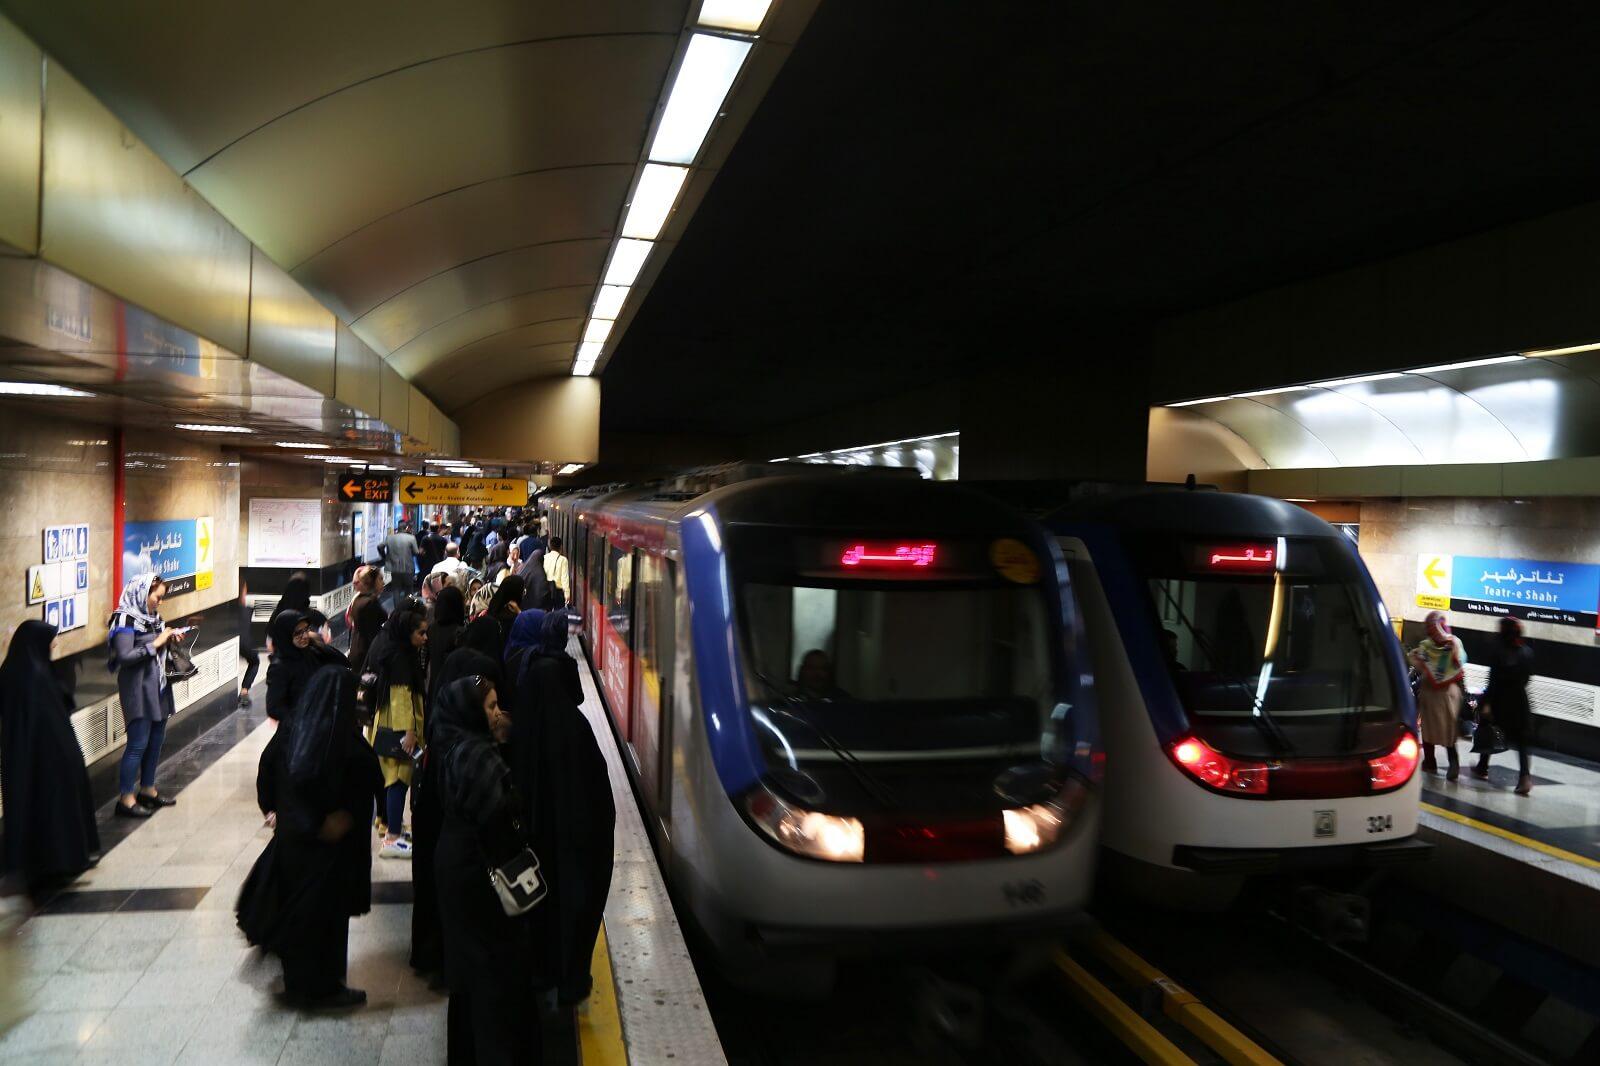 مترو و واگن